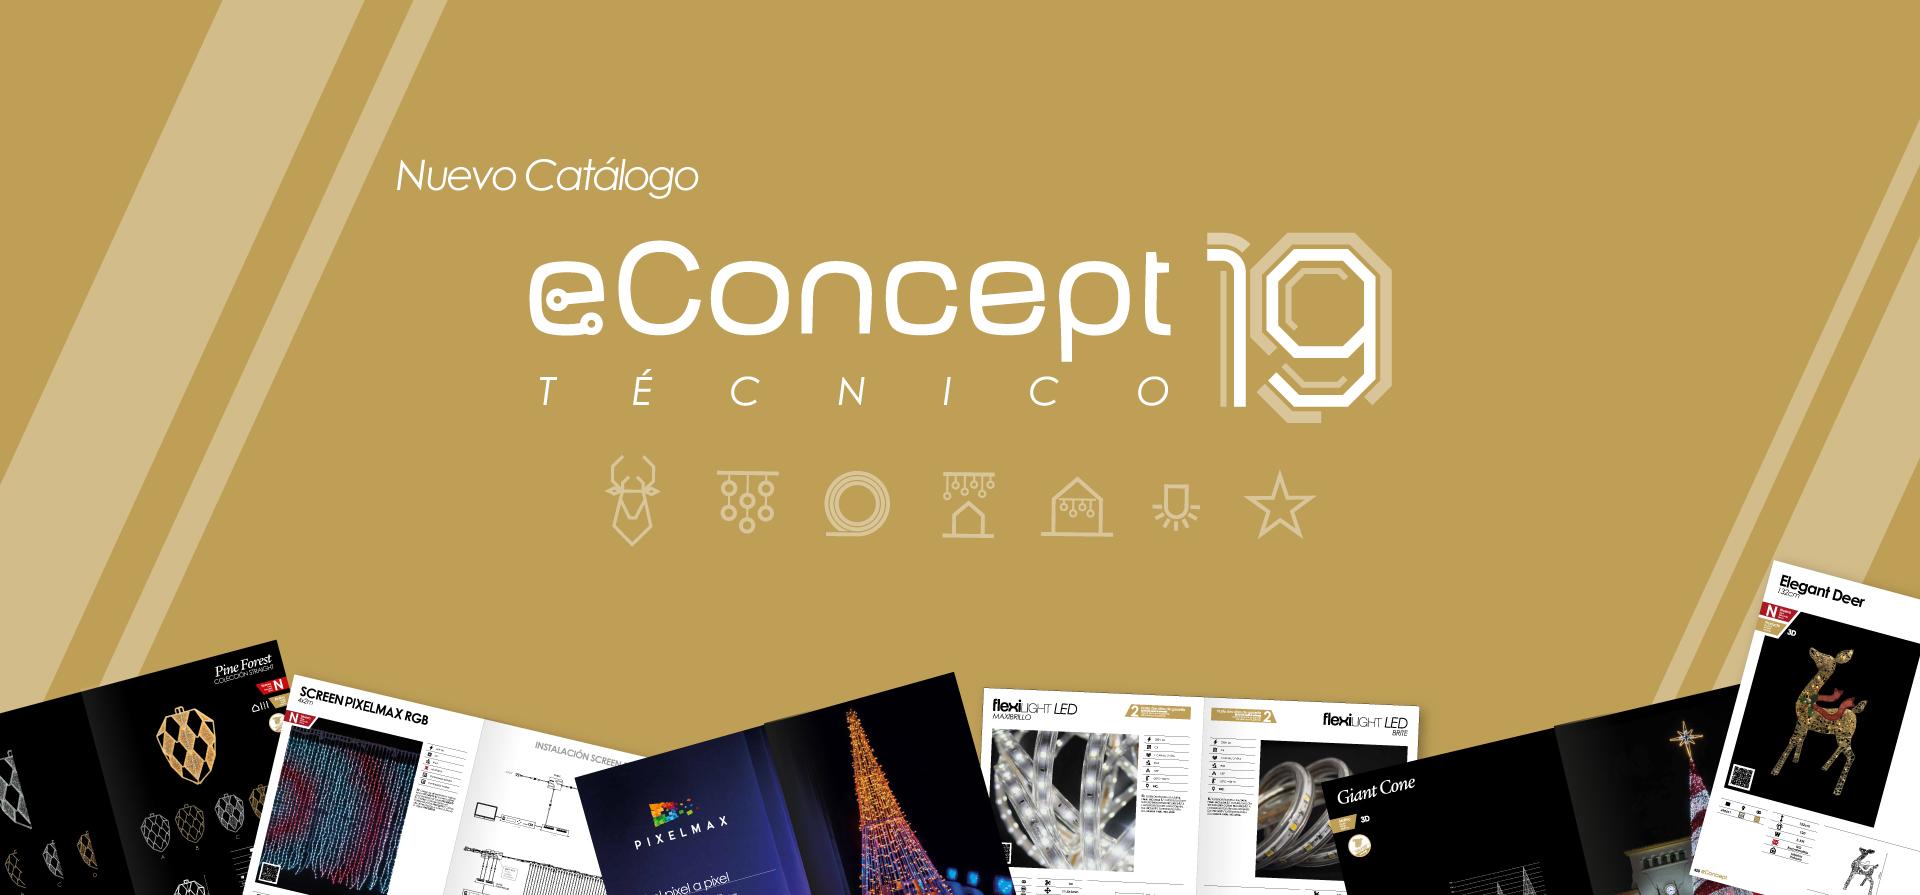 Nuevo catálogo Prilux eConcept Técnico